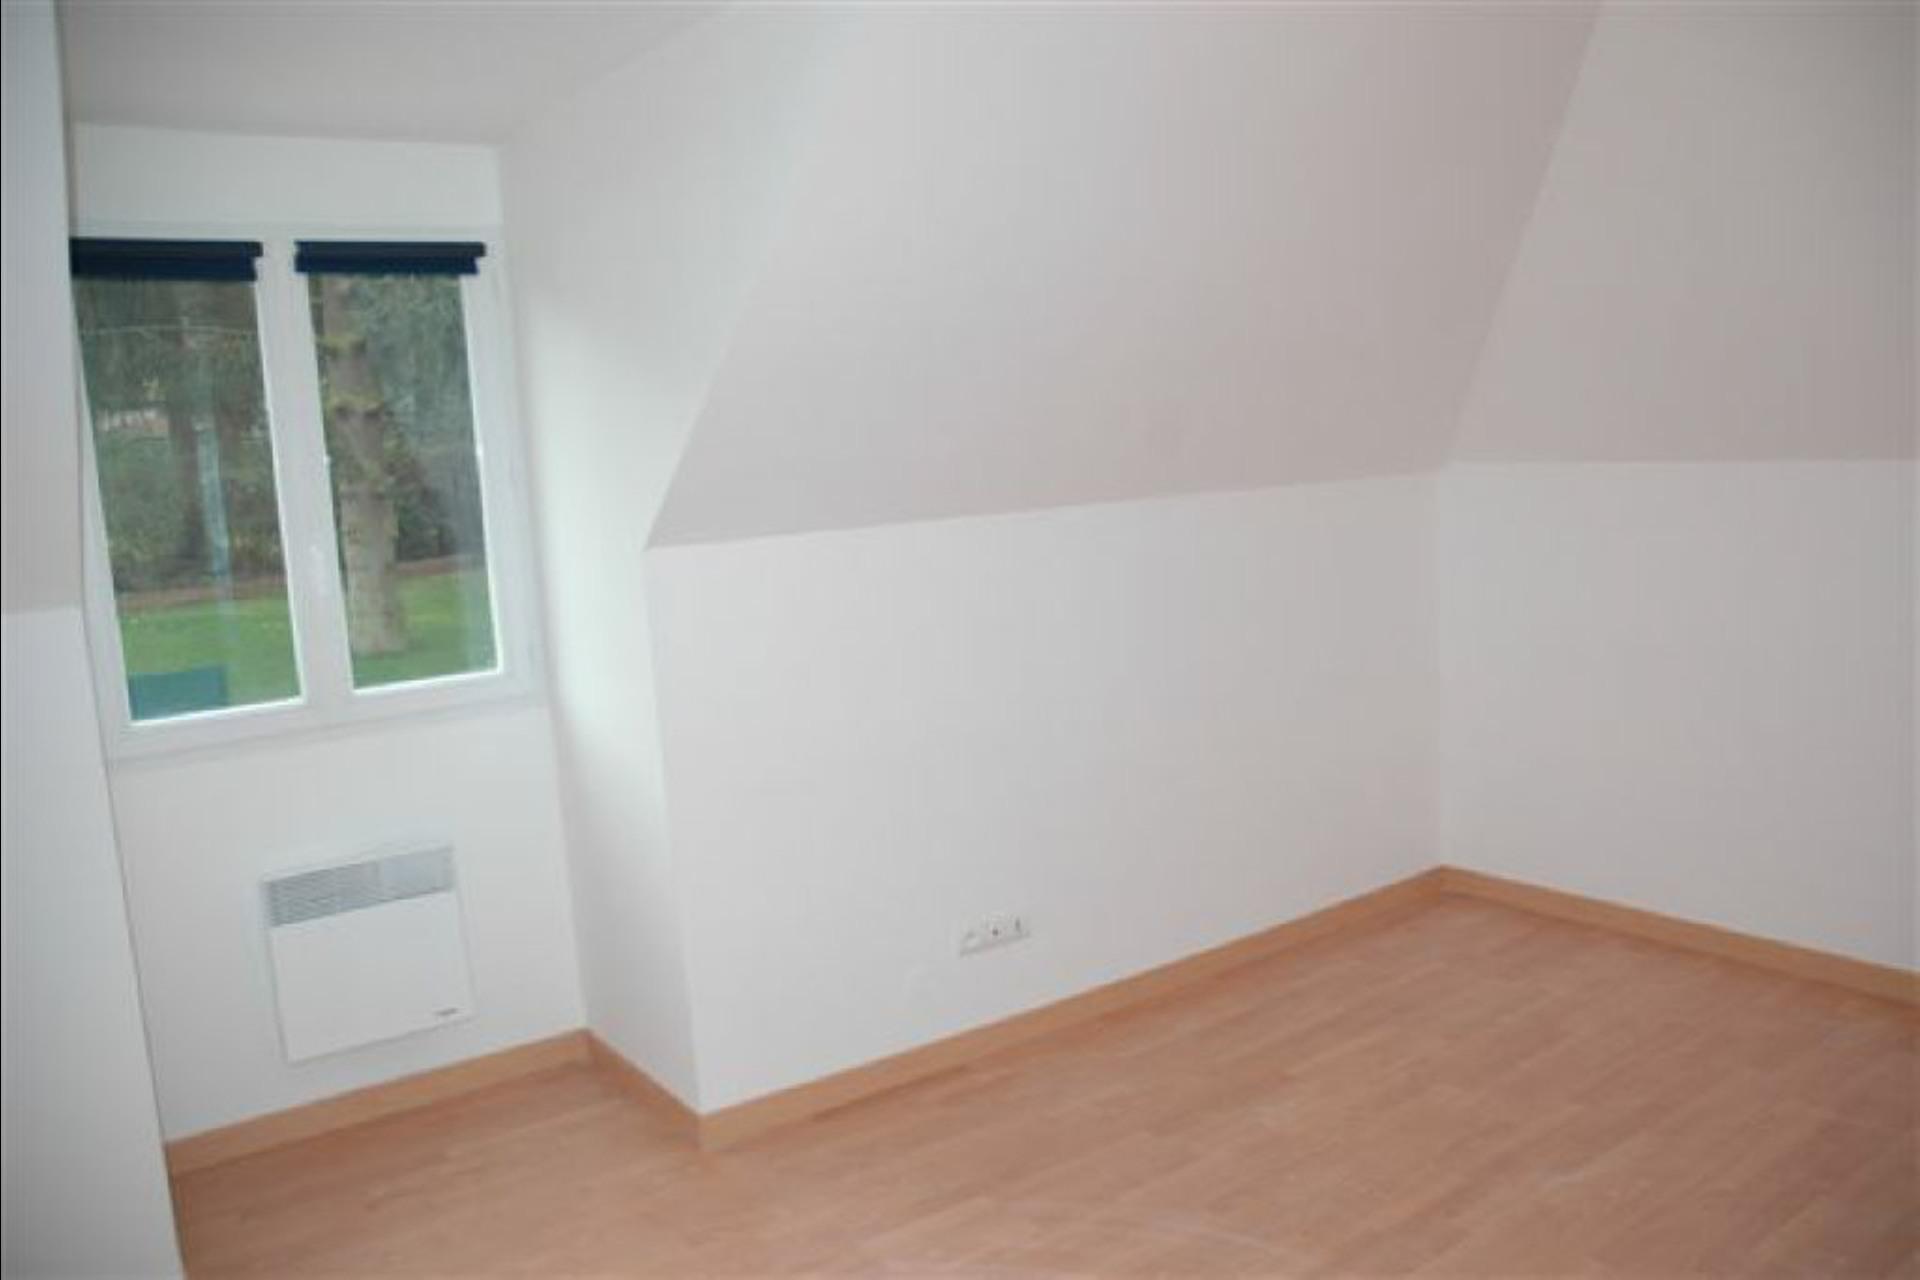 image 4 - Maison À louer - 7 pièces